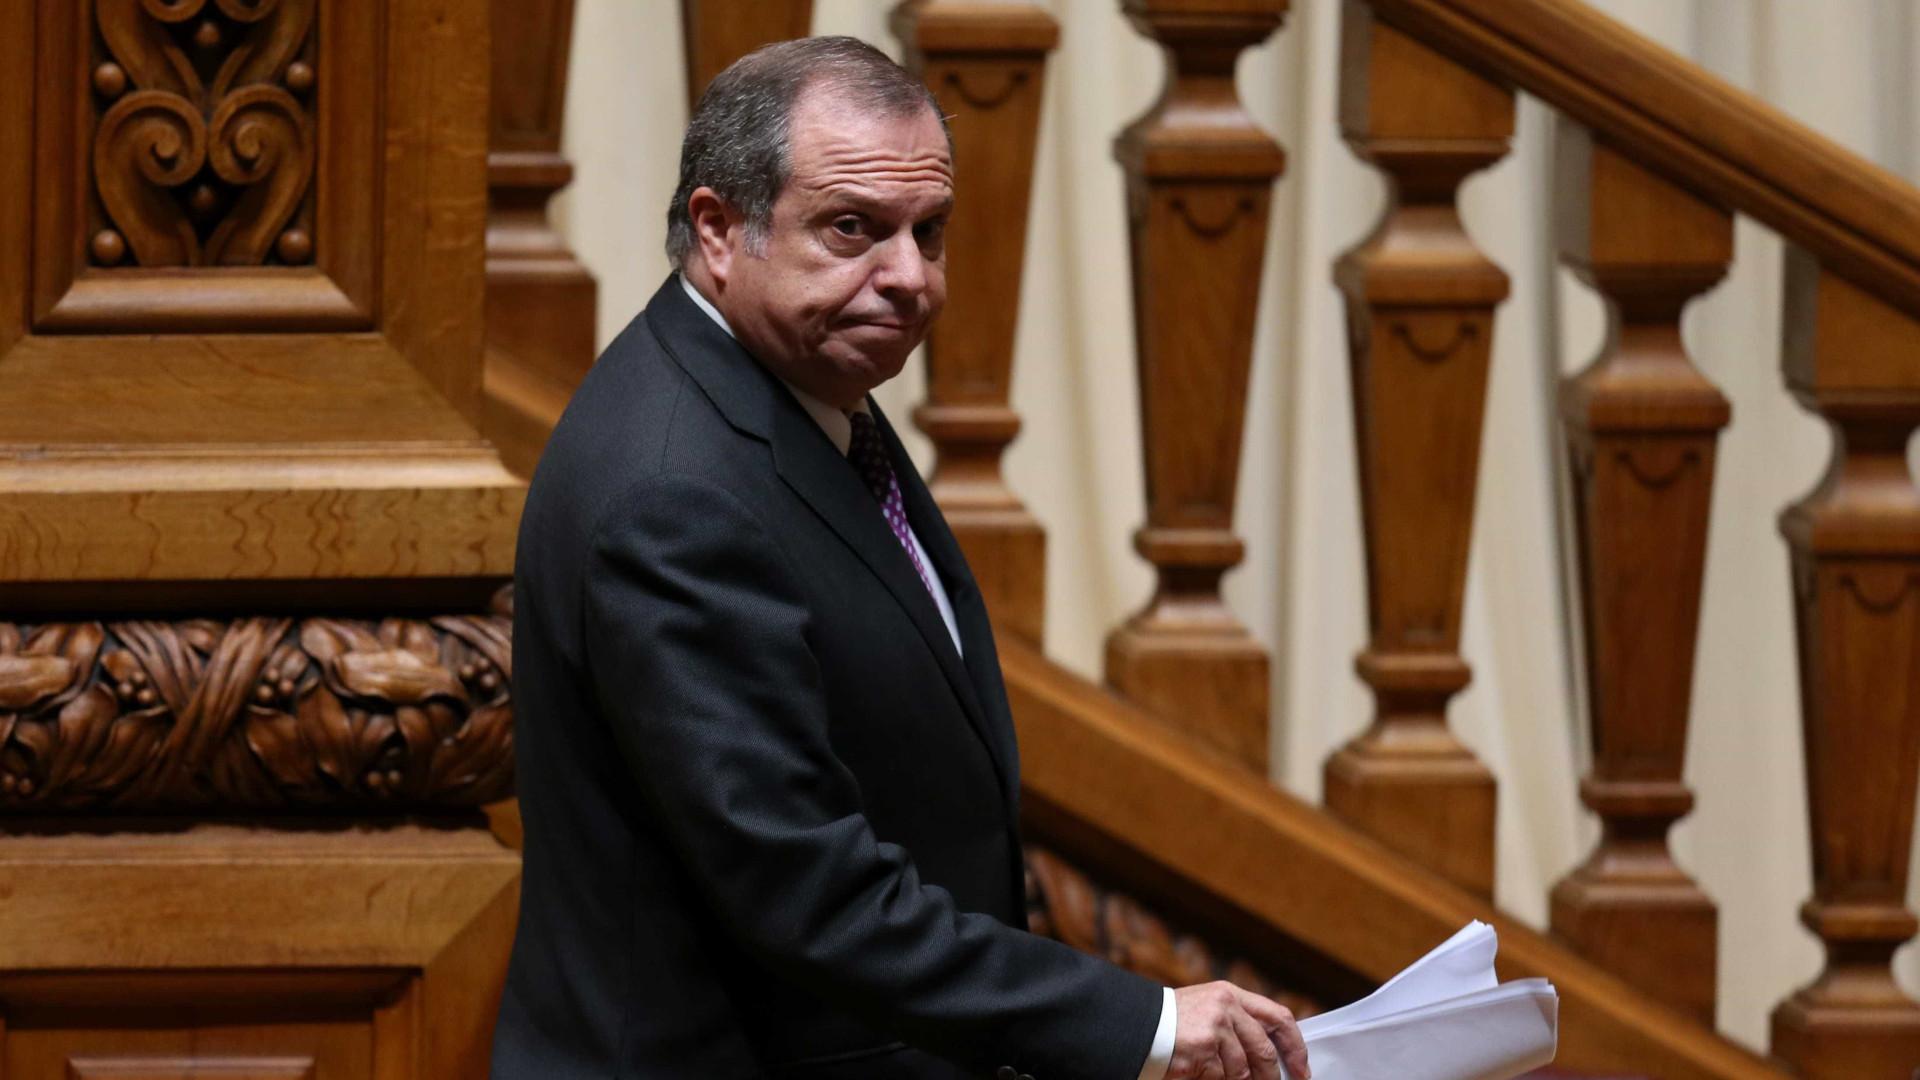 """PS assegura que há """"confluência"""" de posições entre Presidente e Governo"""